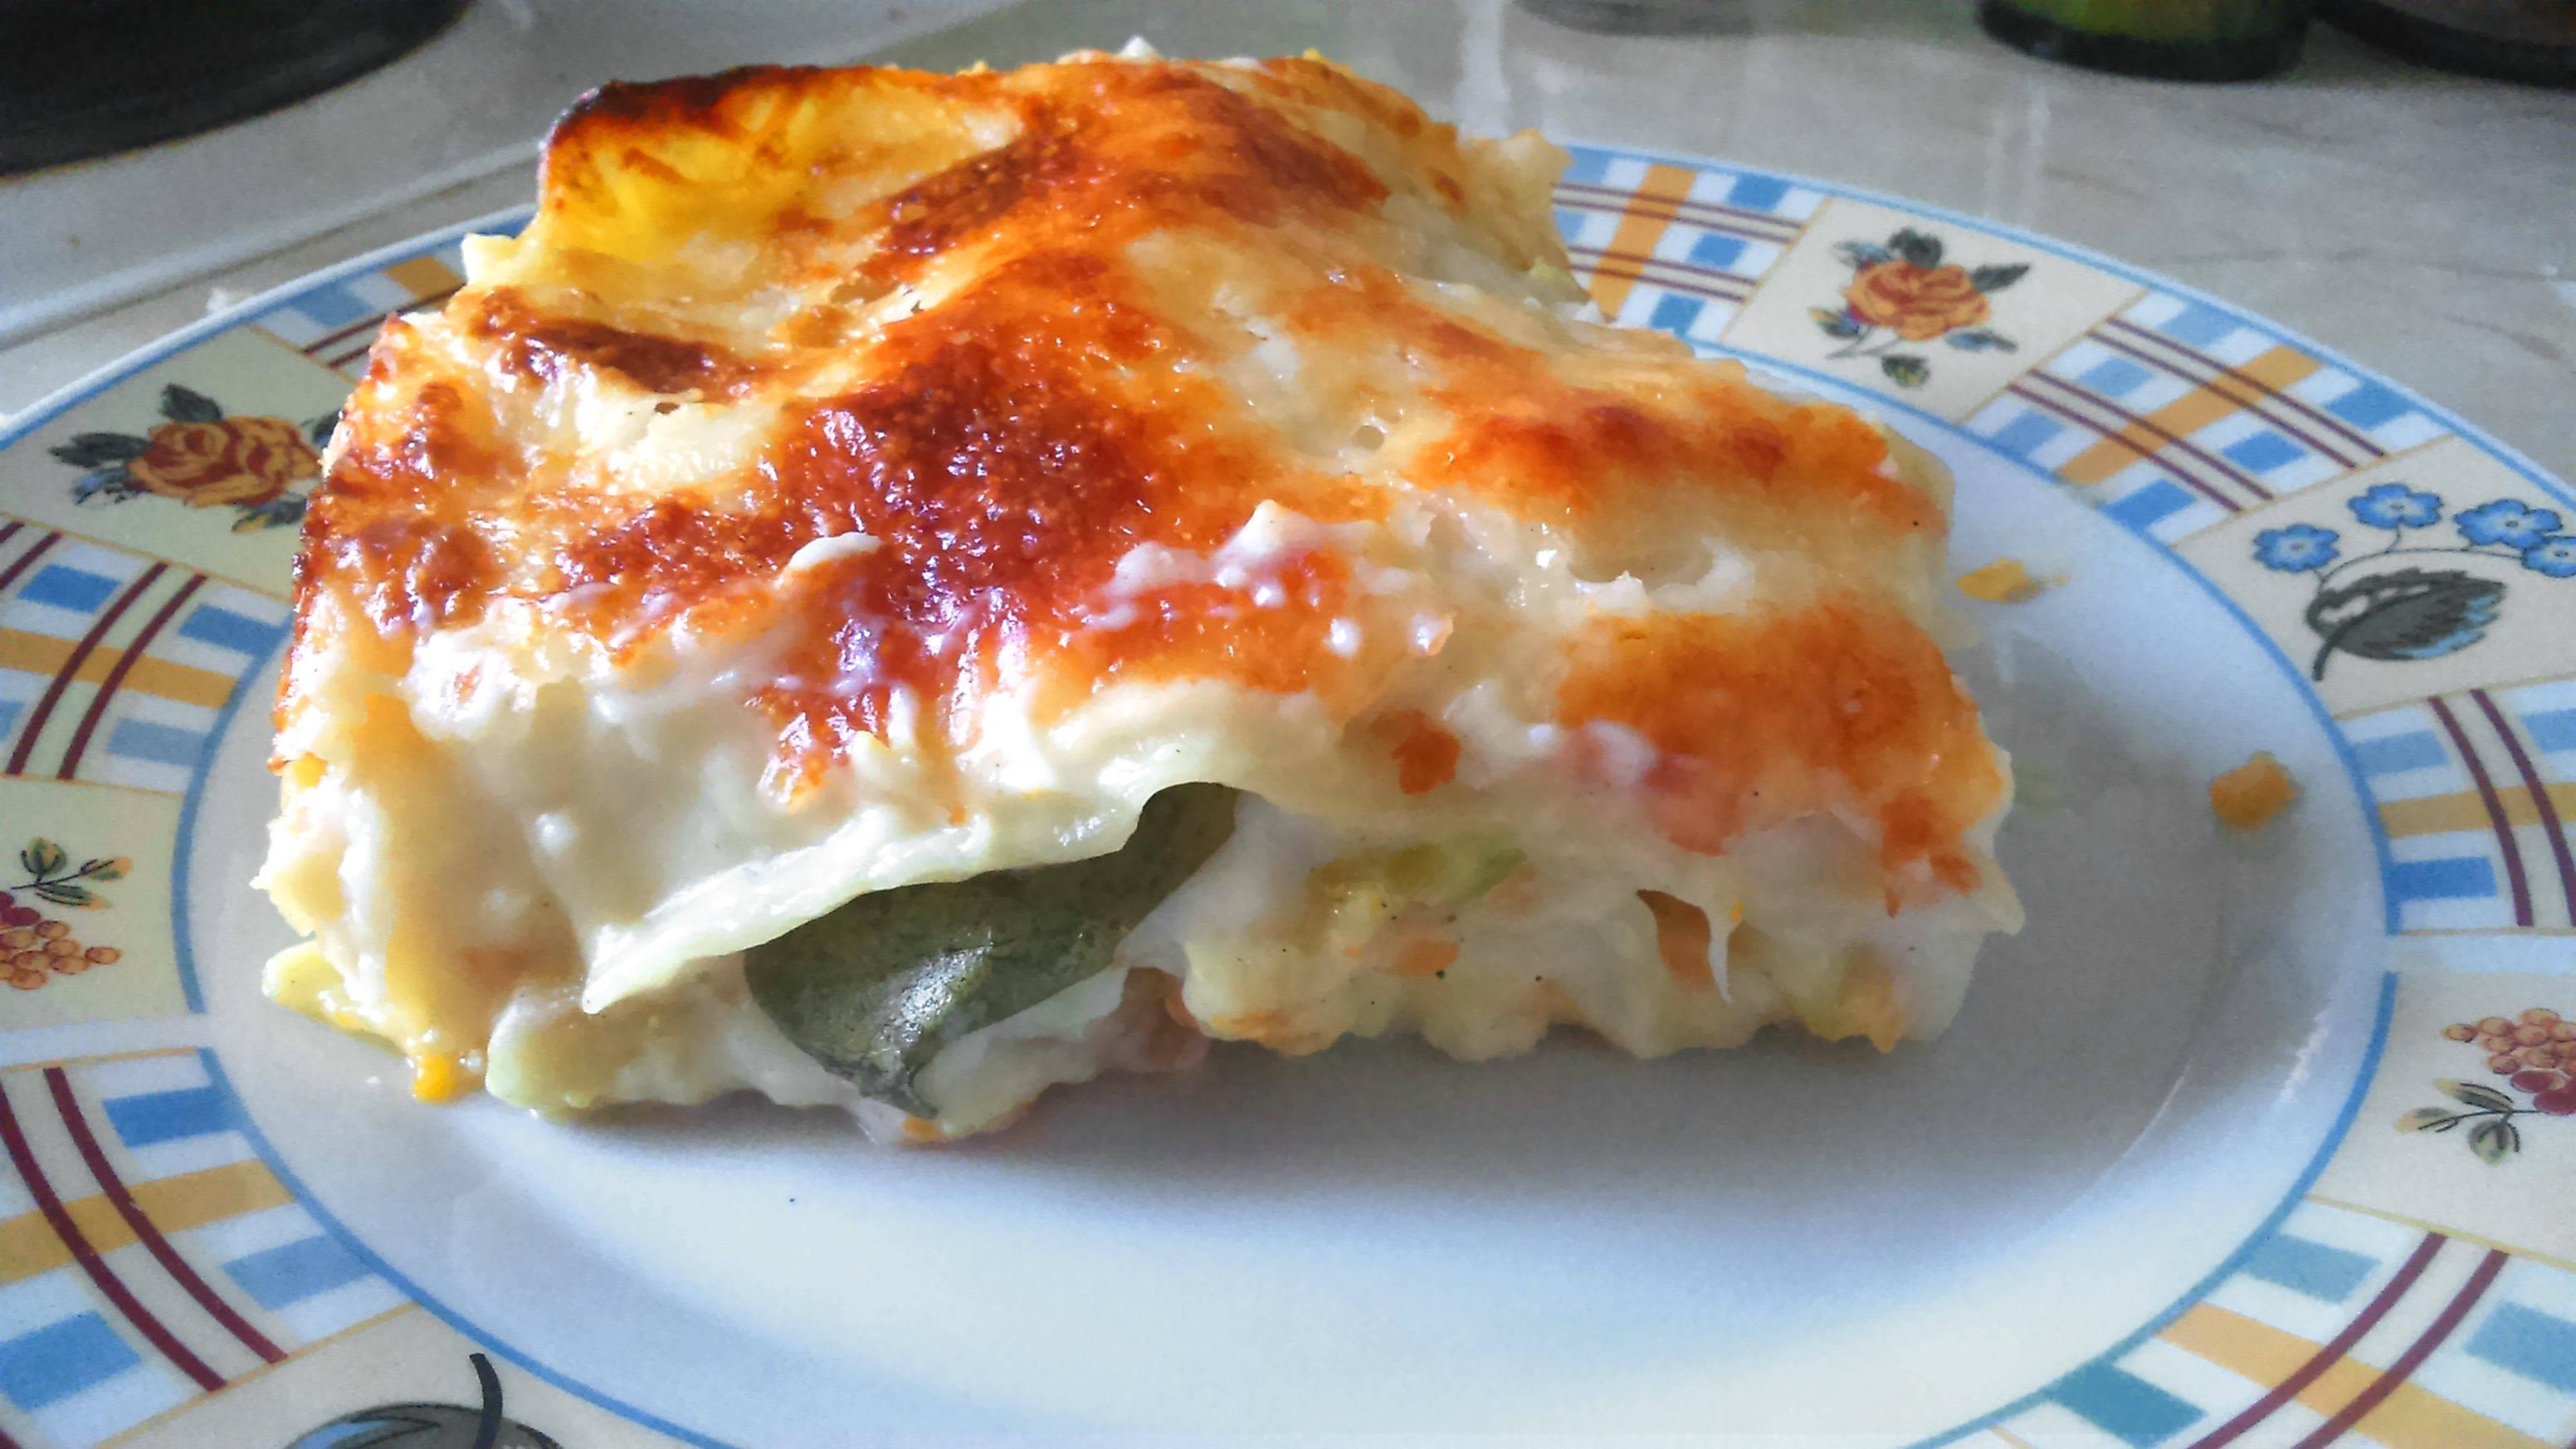 Tőkehalas karottás lasagne recept főfotó